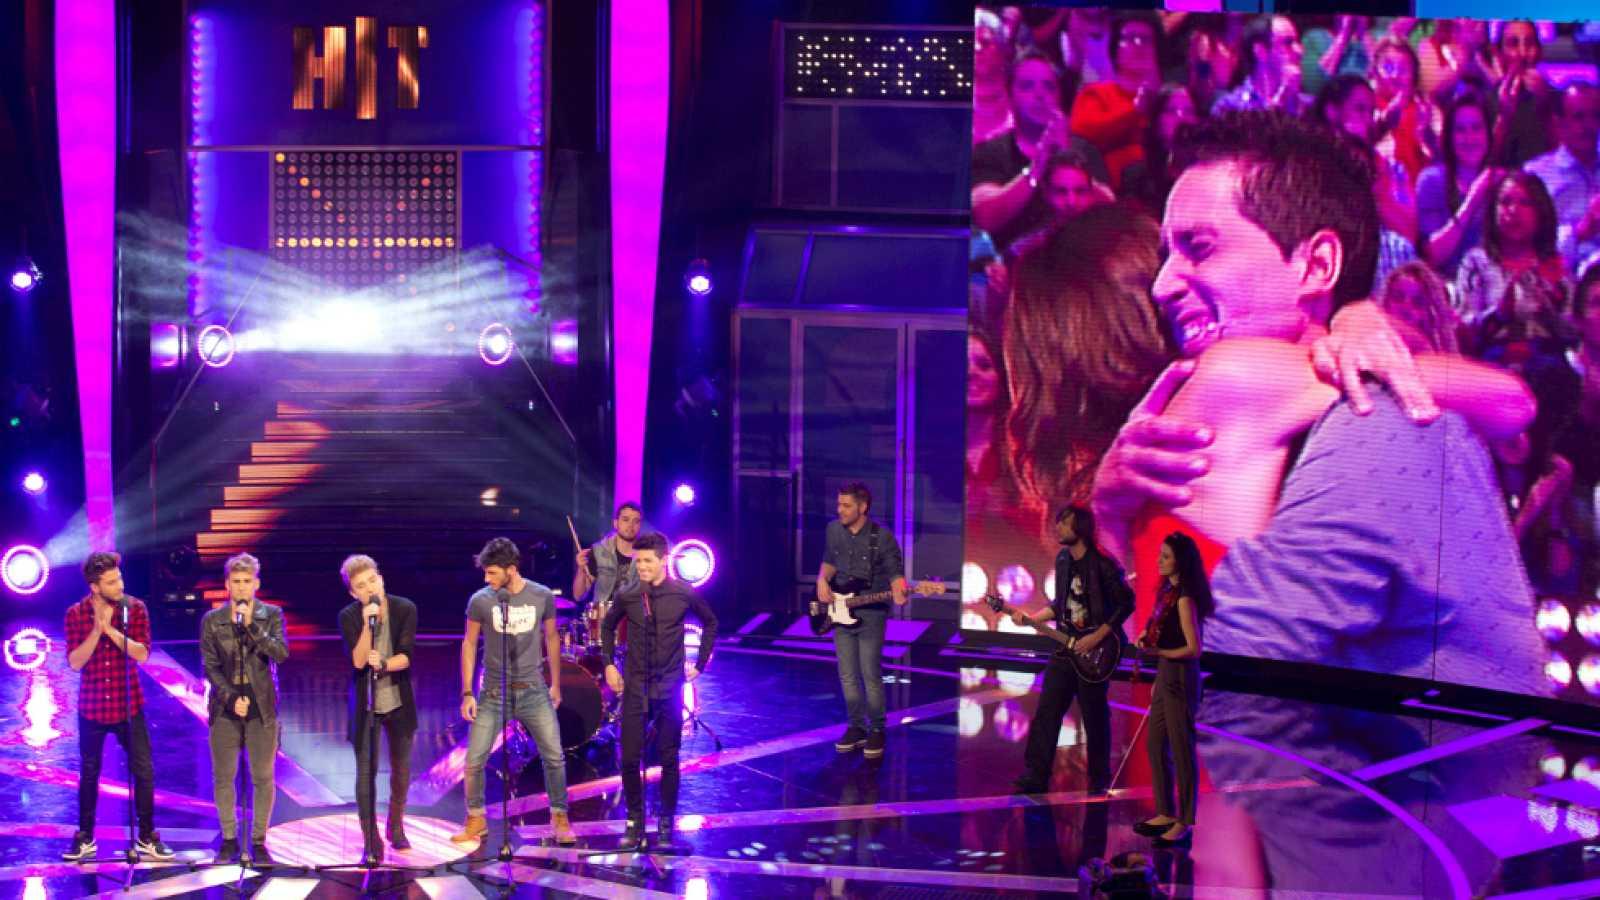 Hit-La Canción- 'Tic Tac' es el hit elegido por Auryn